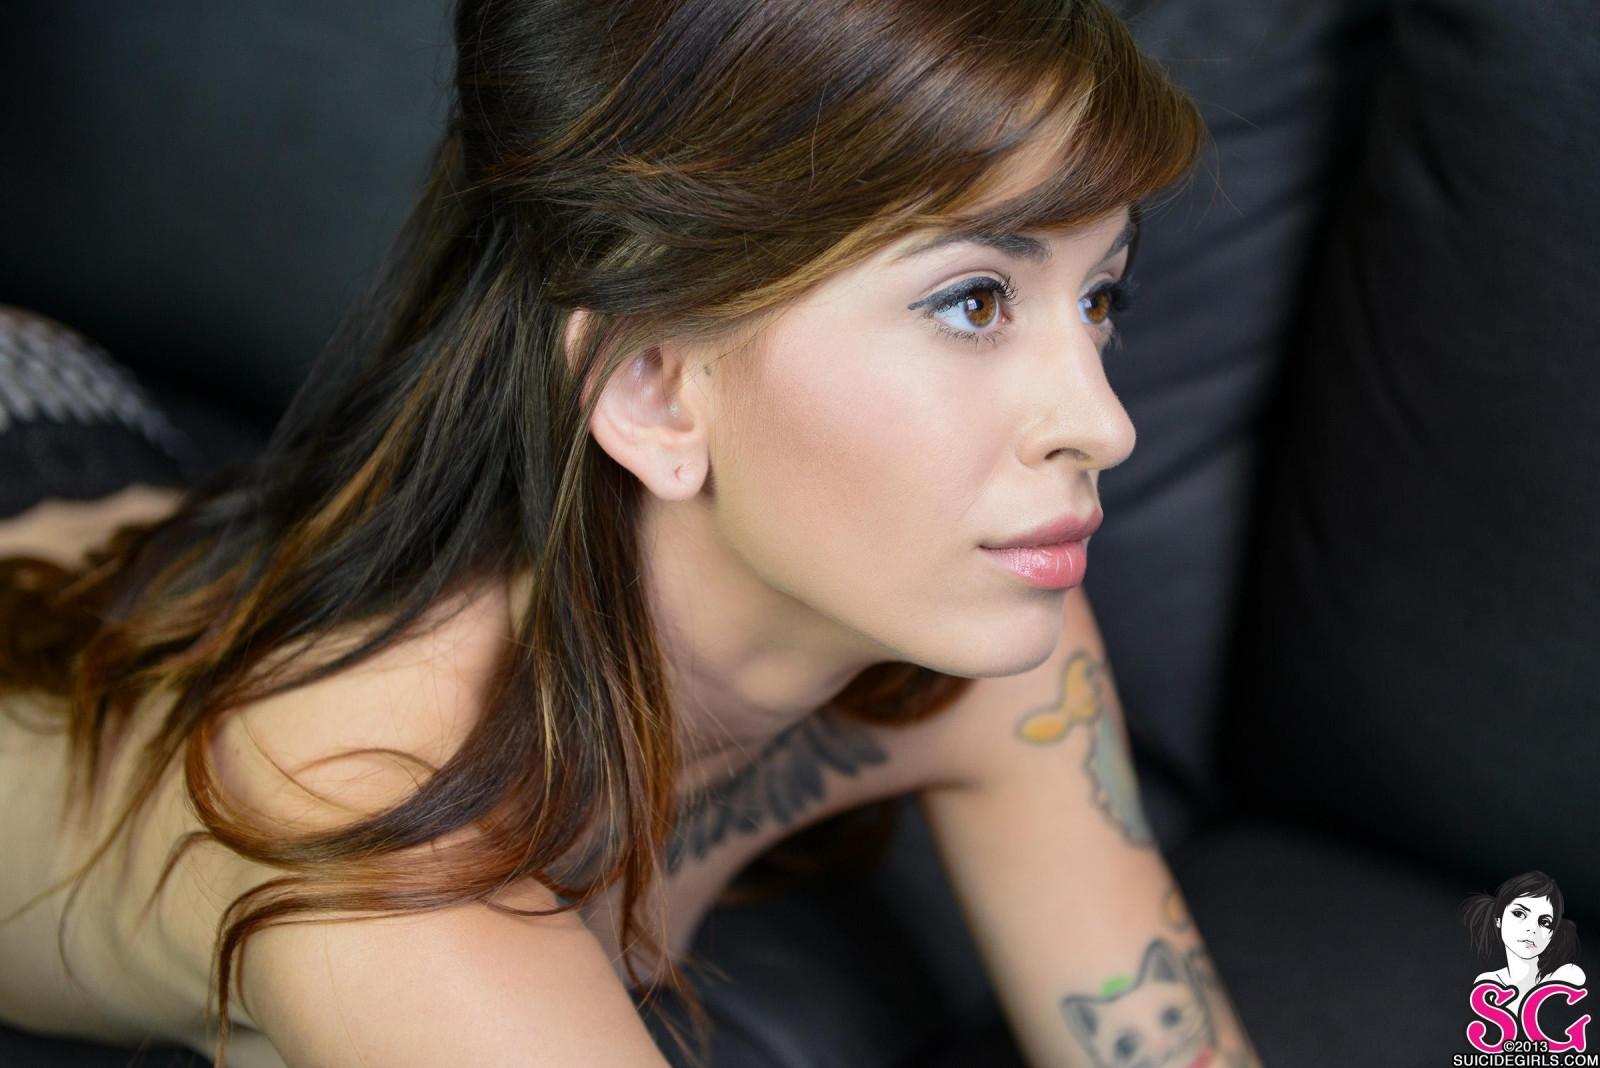 Wallpaper  Face, Women, Model, Long Hair, Brunette -7938